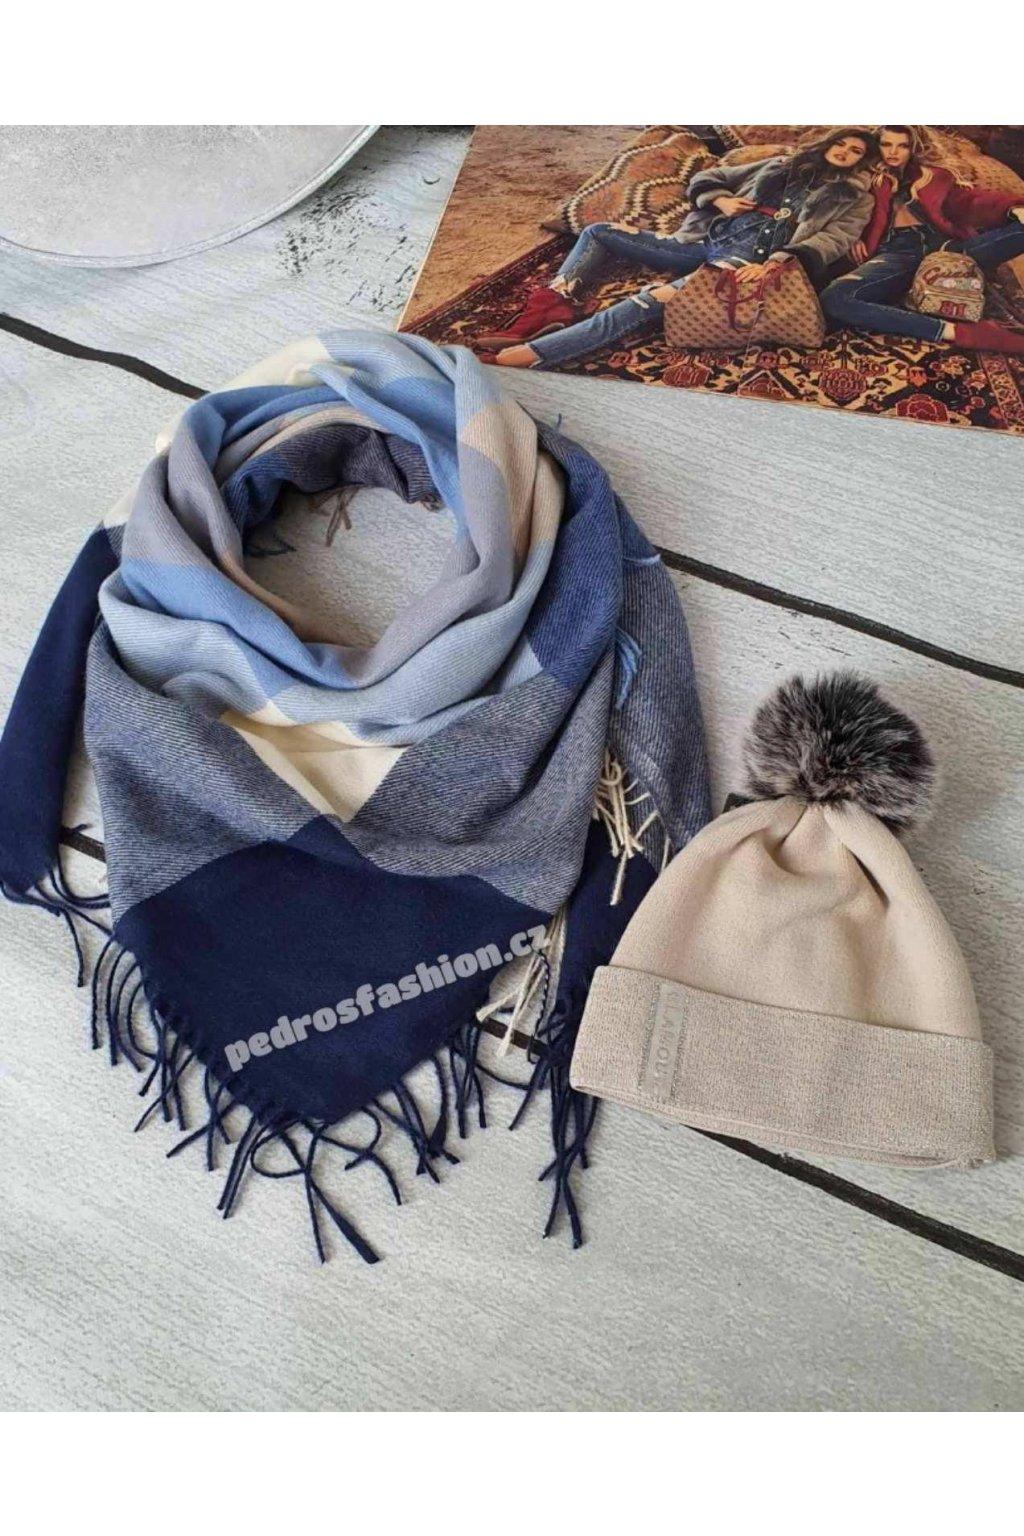 Sladěný set čepice a šátku v kombinaci modré a béžové barvy 2